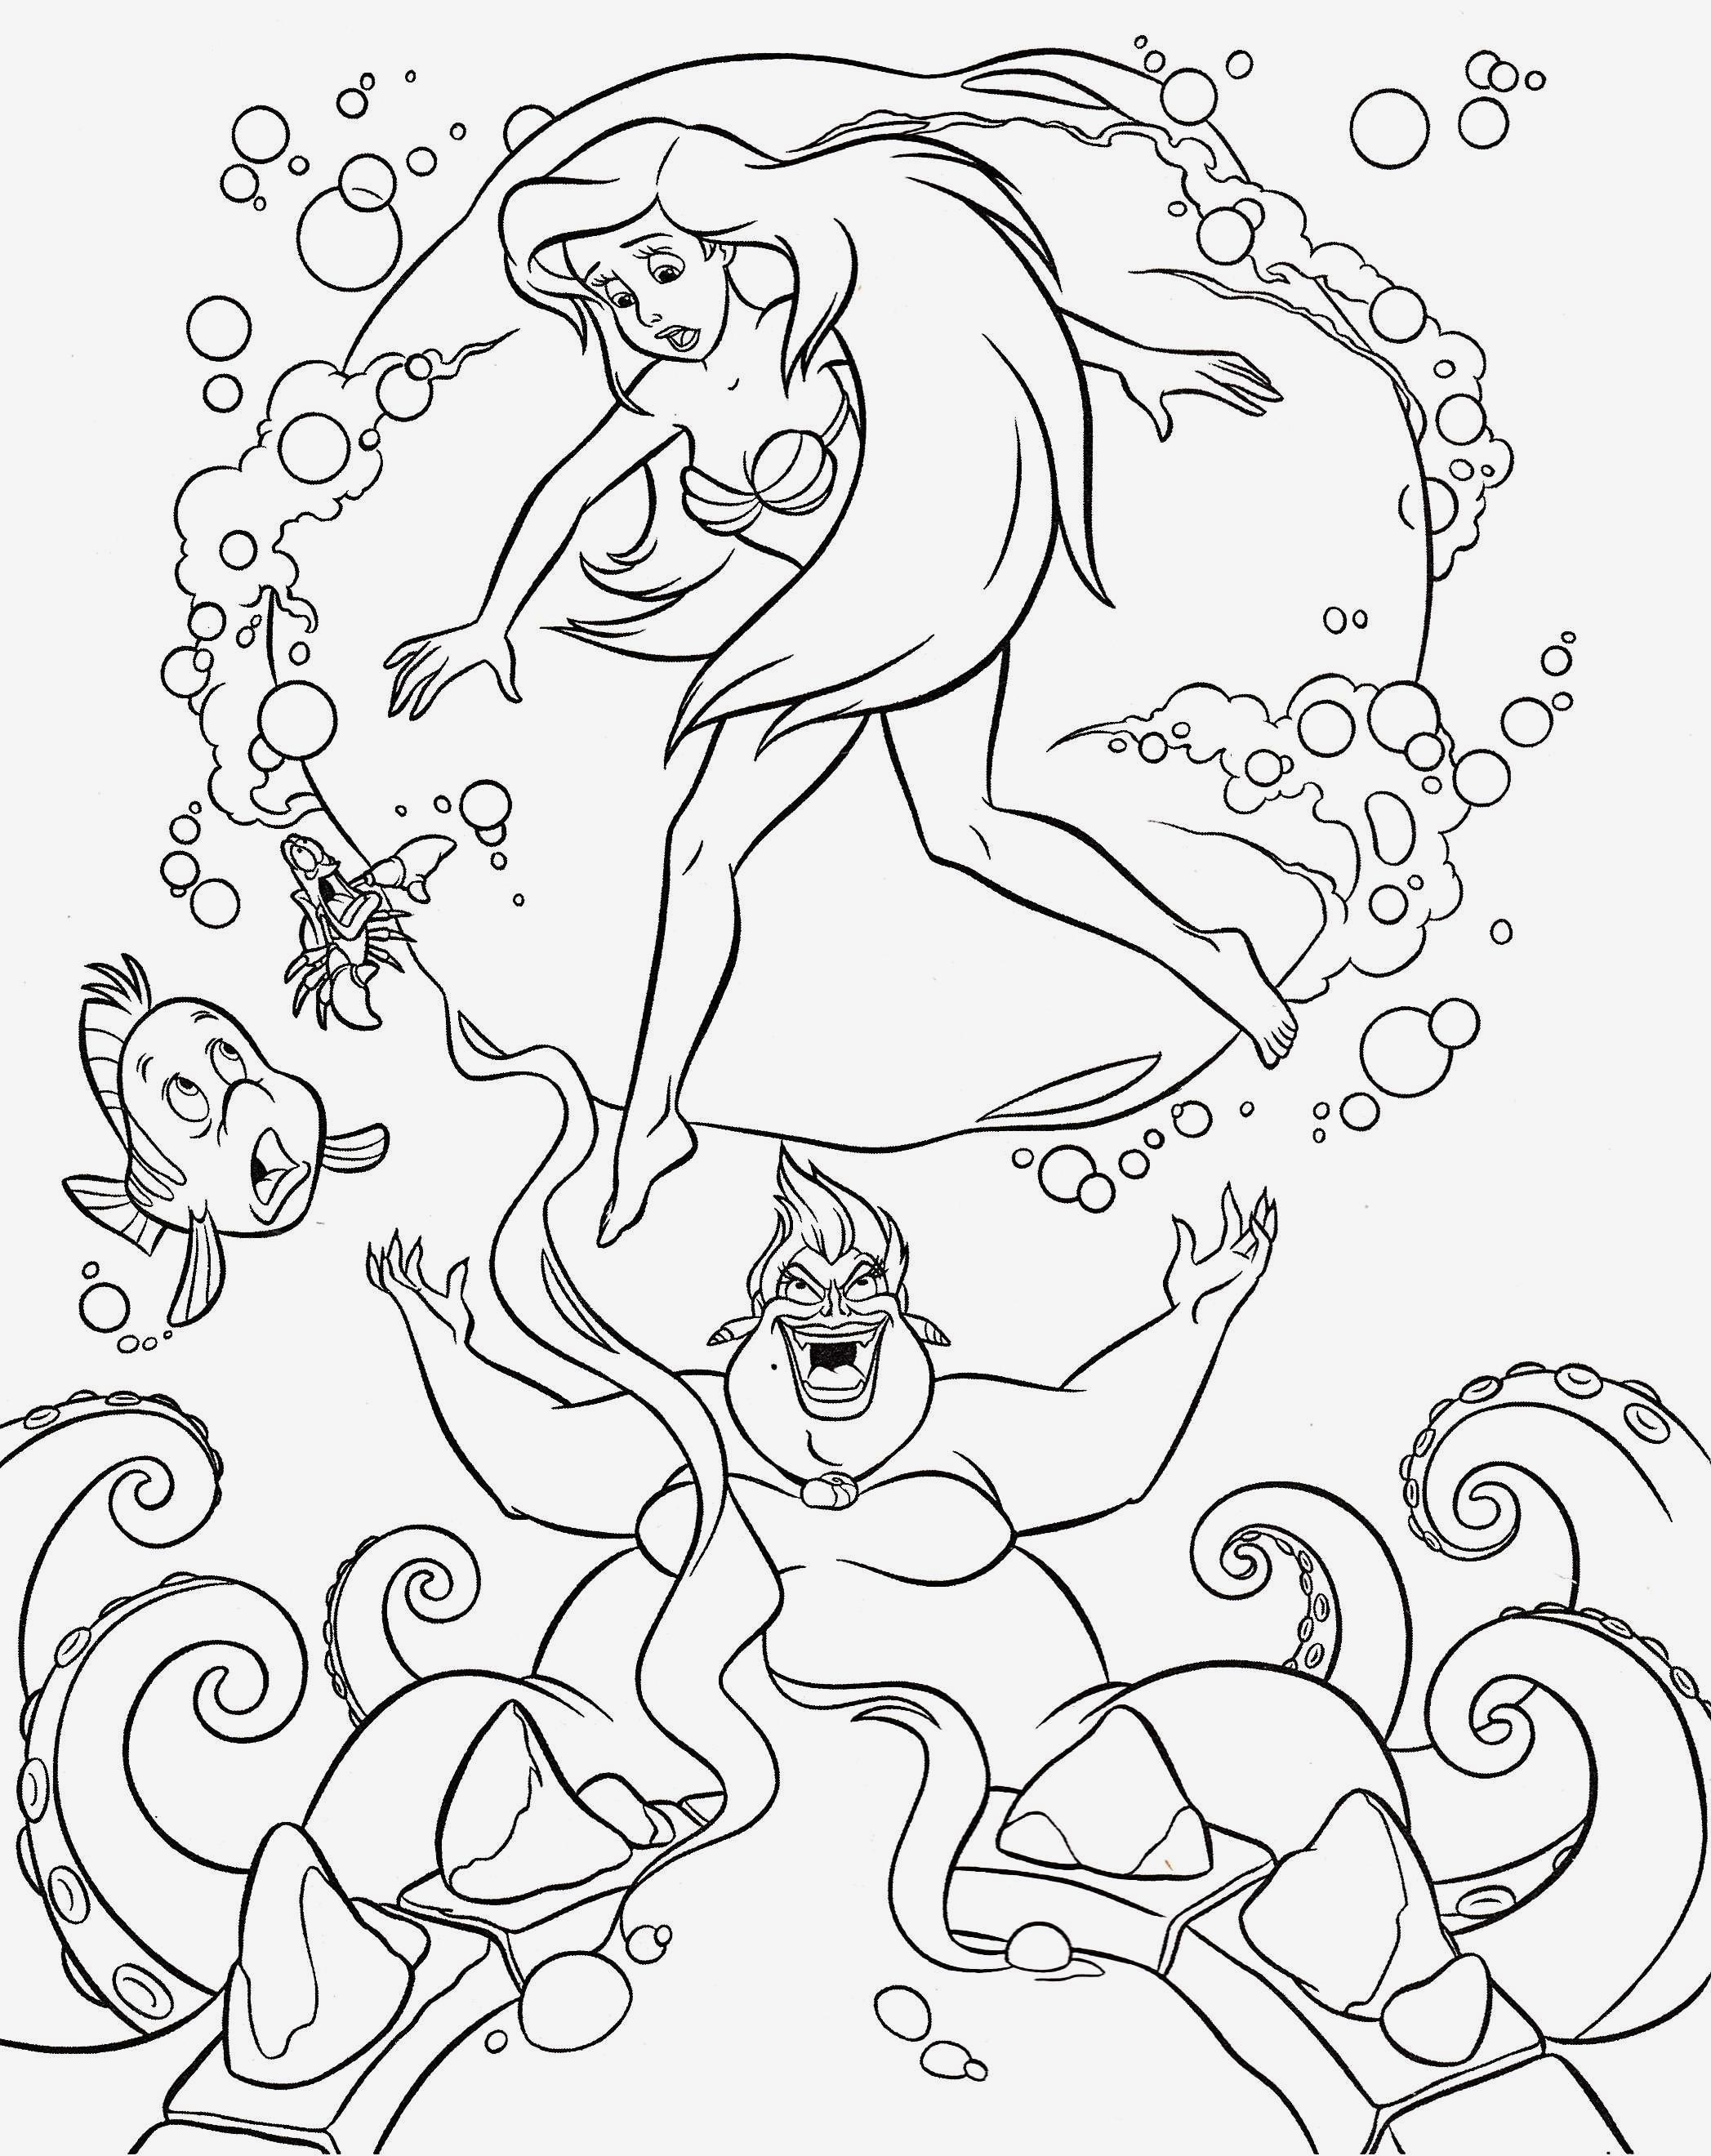 Mickey Mouse Zum Ausmalen Genial Spannende Coloring Bilder Mickey Mouse Ausmalbilder Bilder